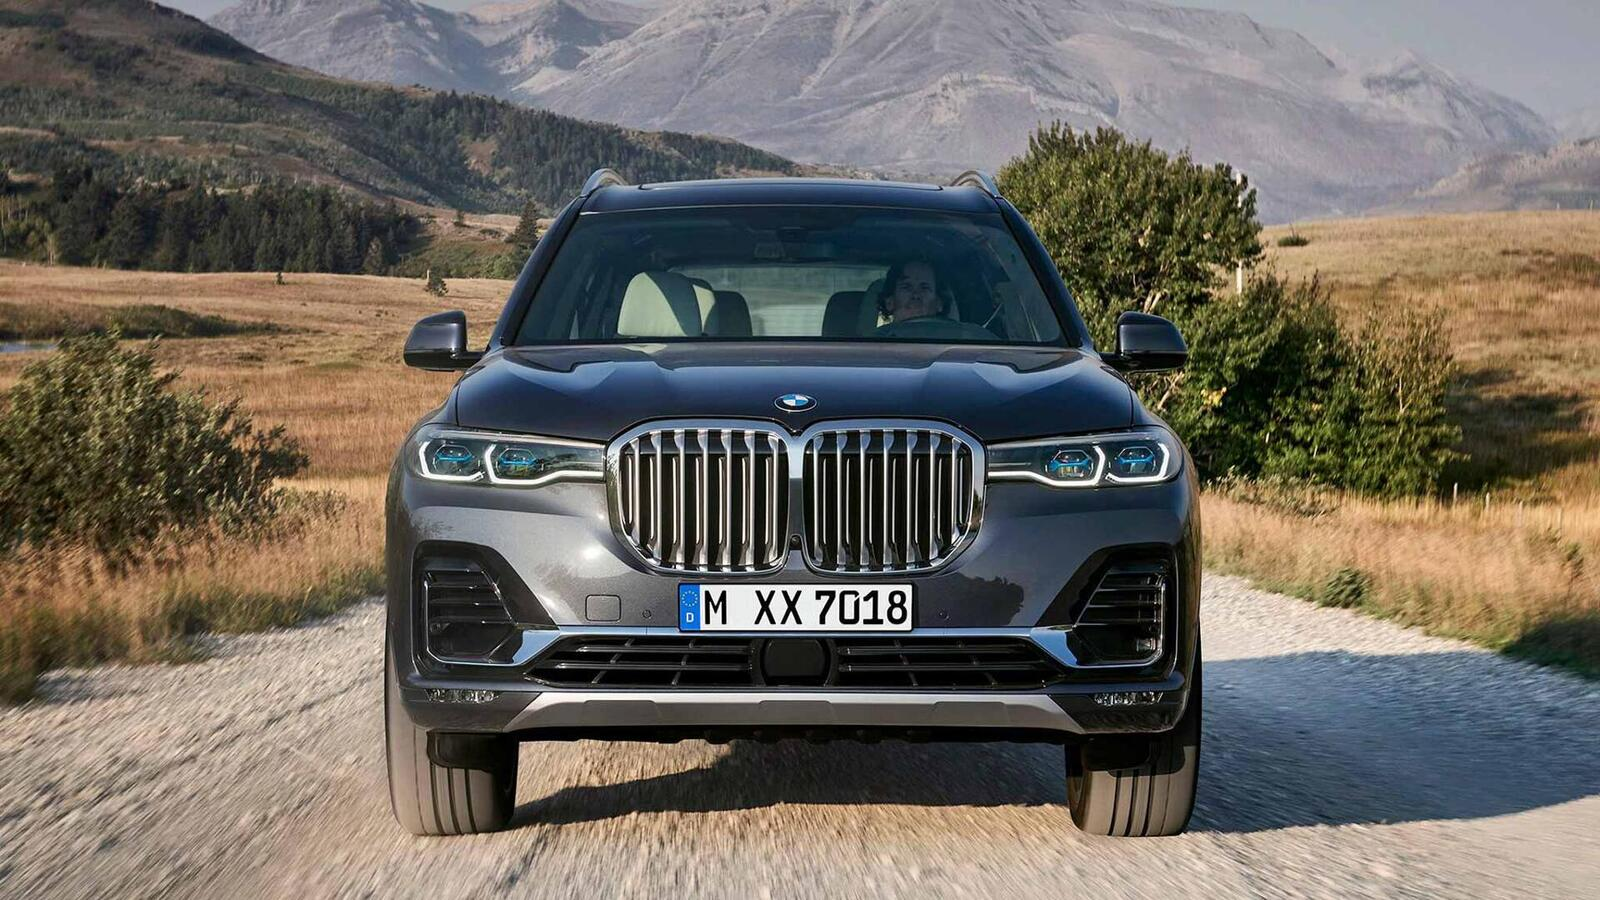 BMW X7 sắp bán tại Thái Lan; bản máy dầu M50d có giá 6,5 tỷ đồng - Hình 2